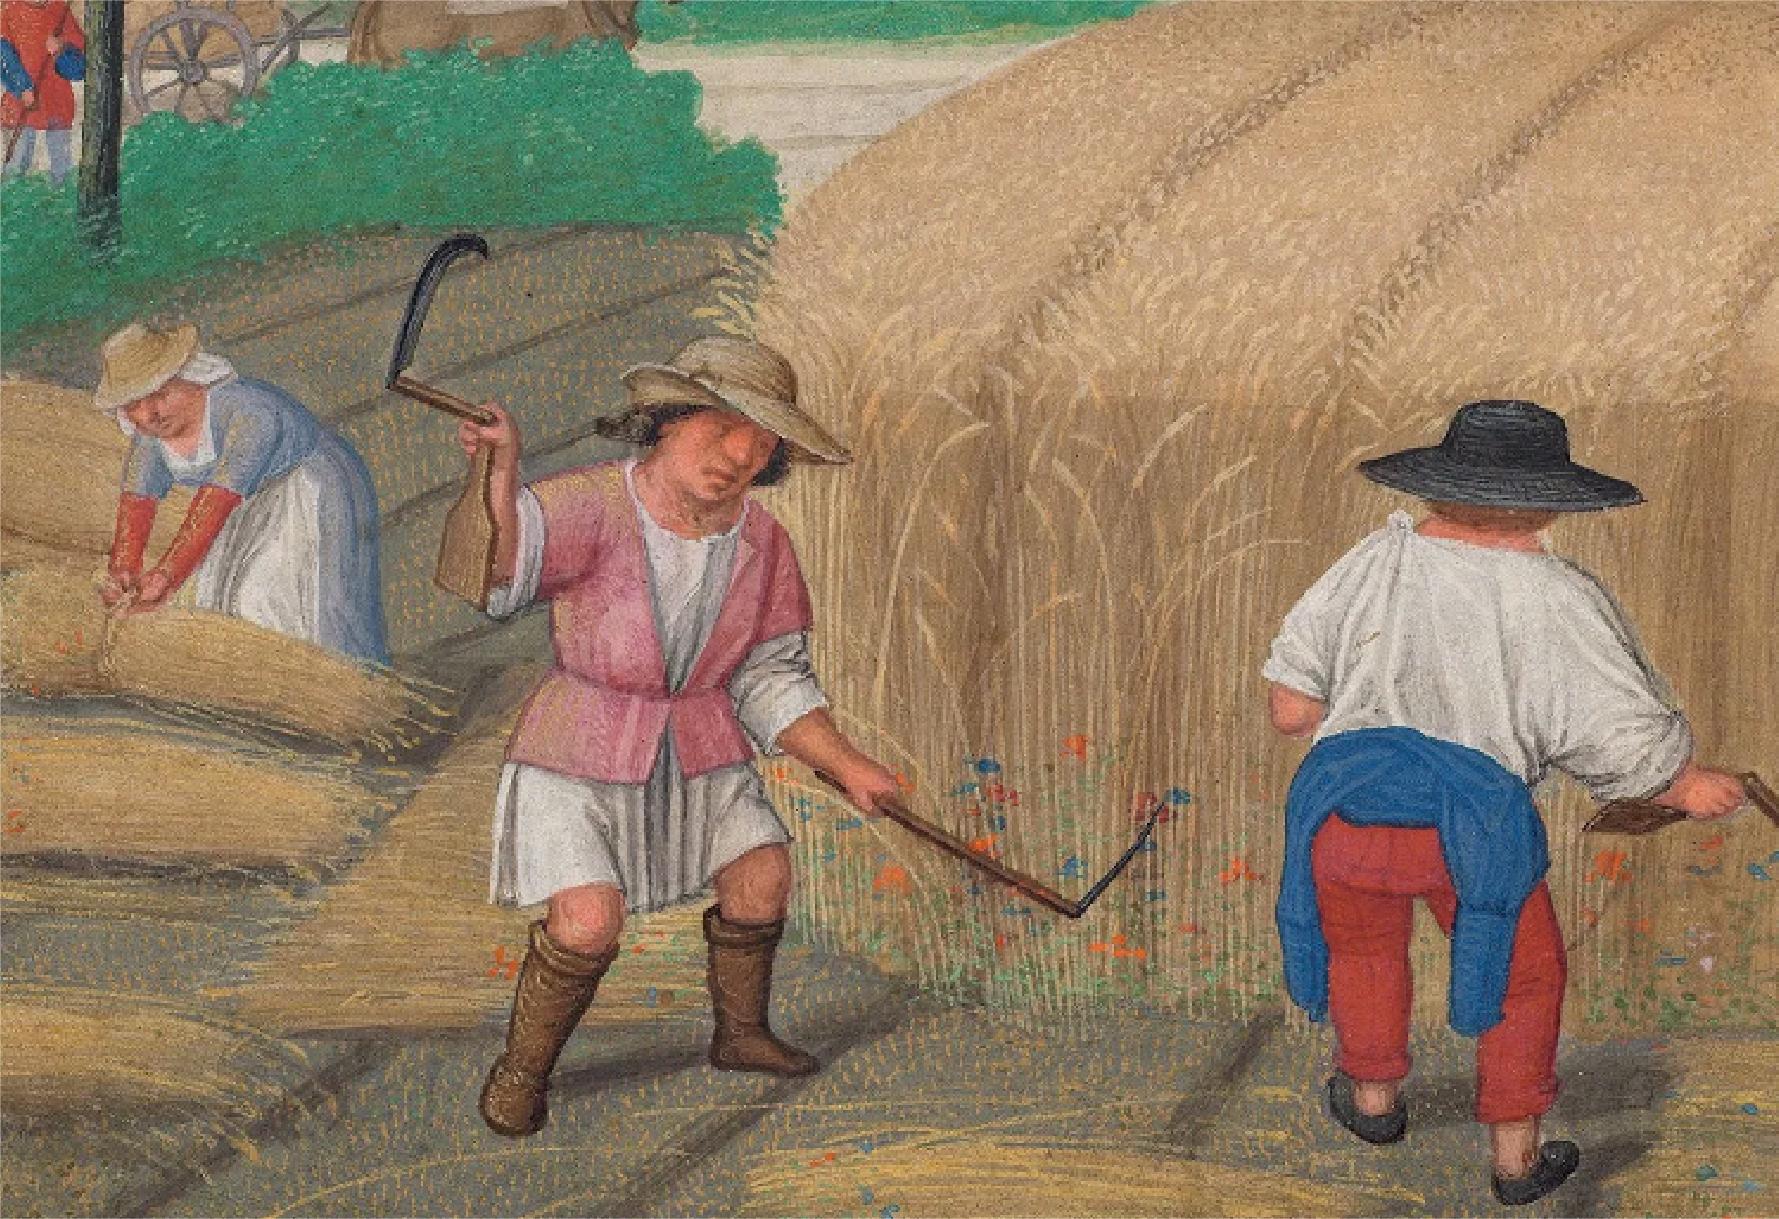 Pintura de 1515 sobre cosecha de trigo. Las plantas tenían la altura de los campesinos. Ahora son de menor estatura para producir más granos por hectárea. Créditos: Akademische Druck - u. Verlagsanstalt, Graz/Austria.